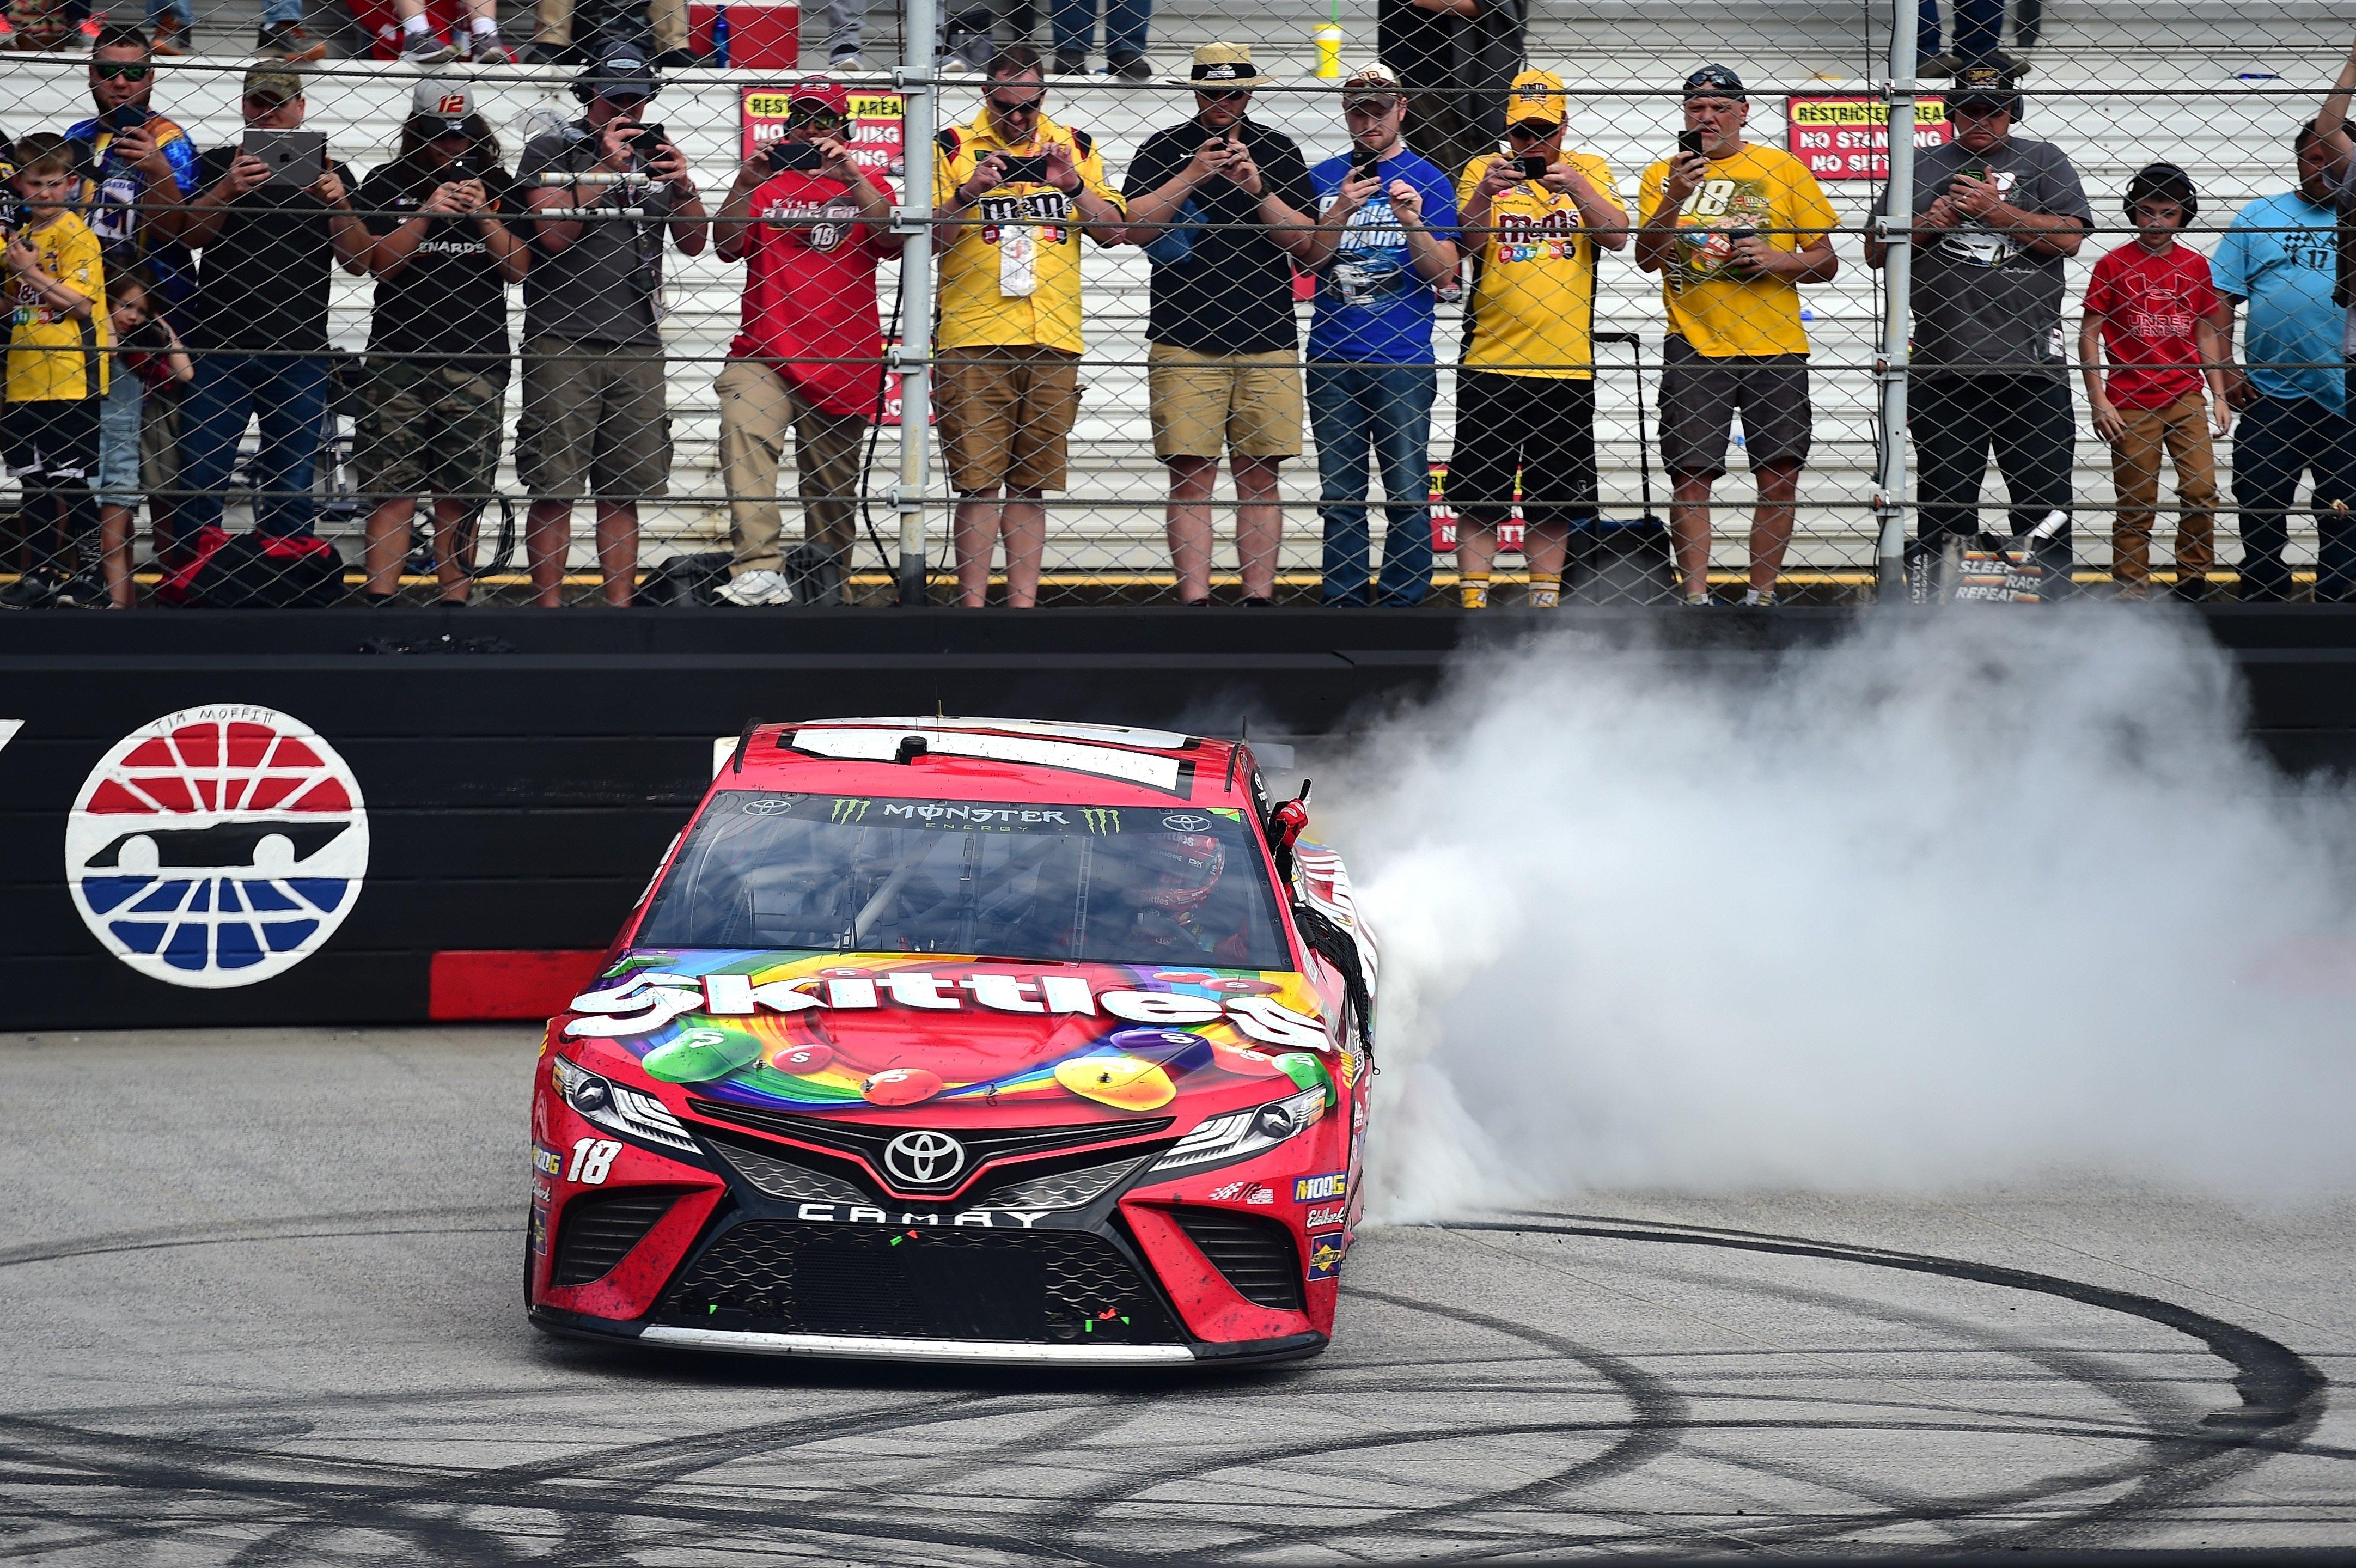 Kyle Busch wins at Bristol Motor Speedway